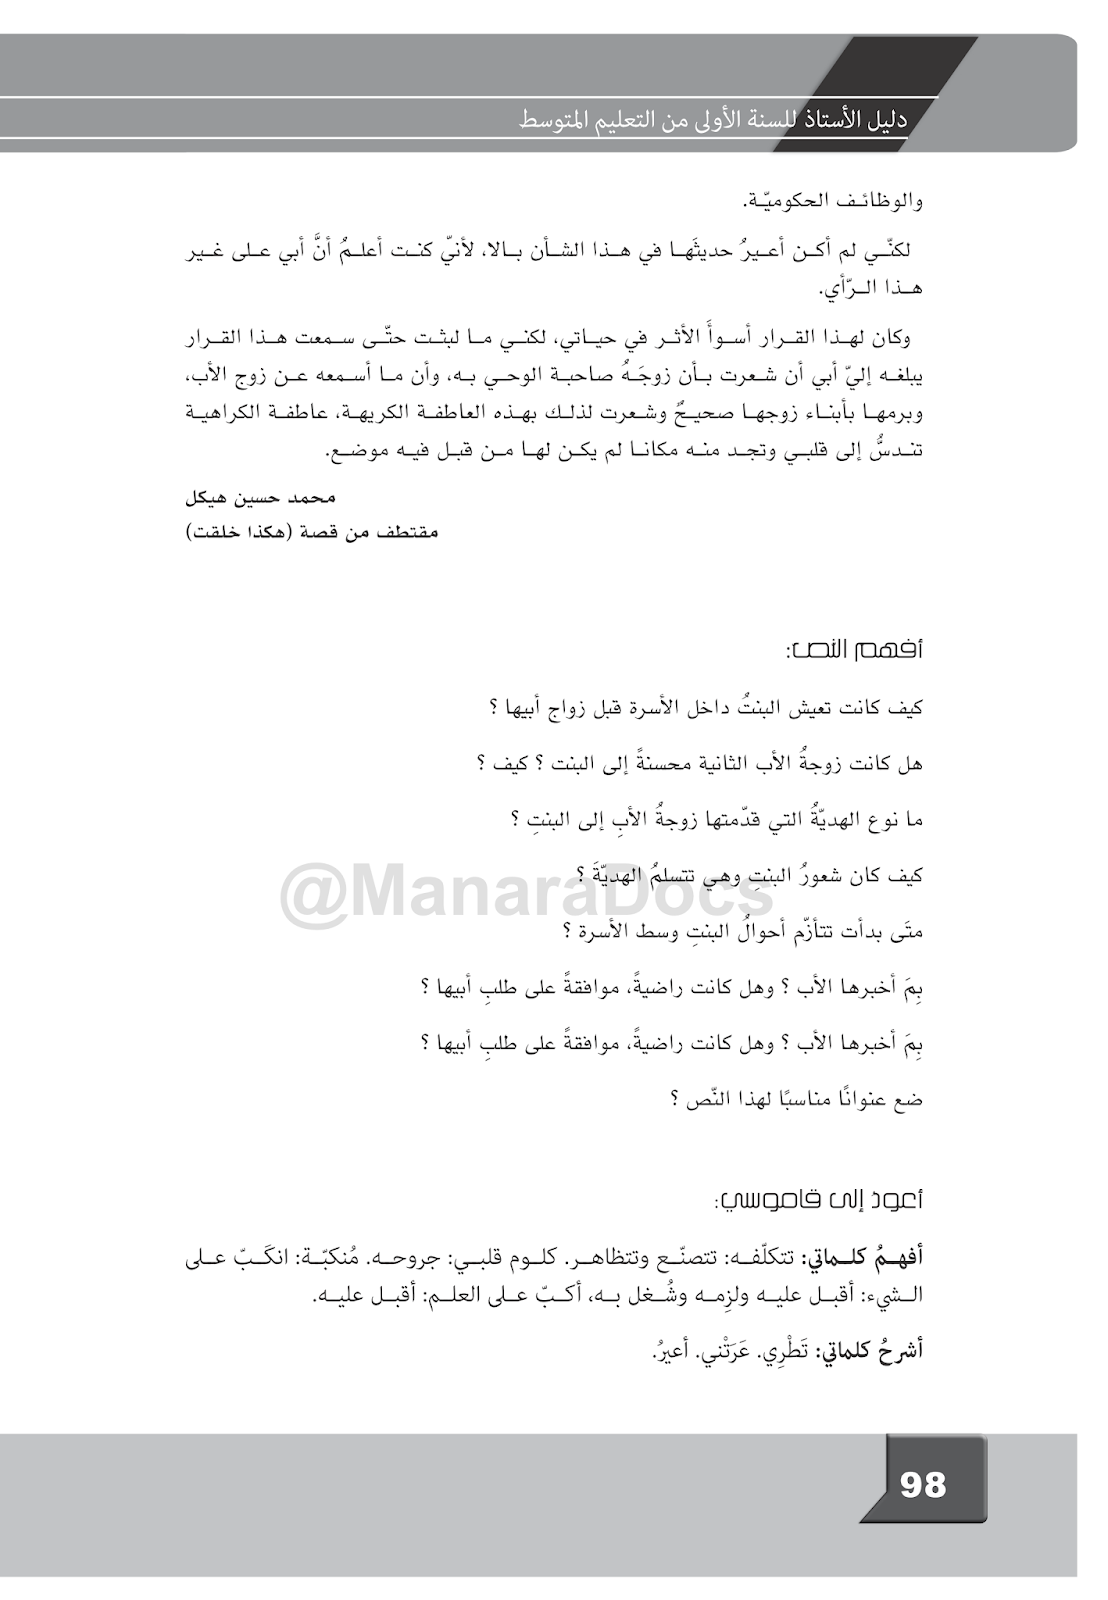 نص درس زوج أبي اللغة العربية للسنة الاولى 1 متوسط الجيل الثاني